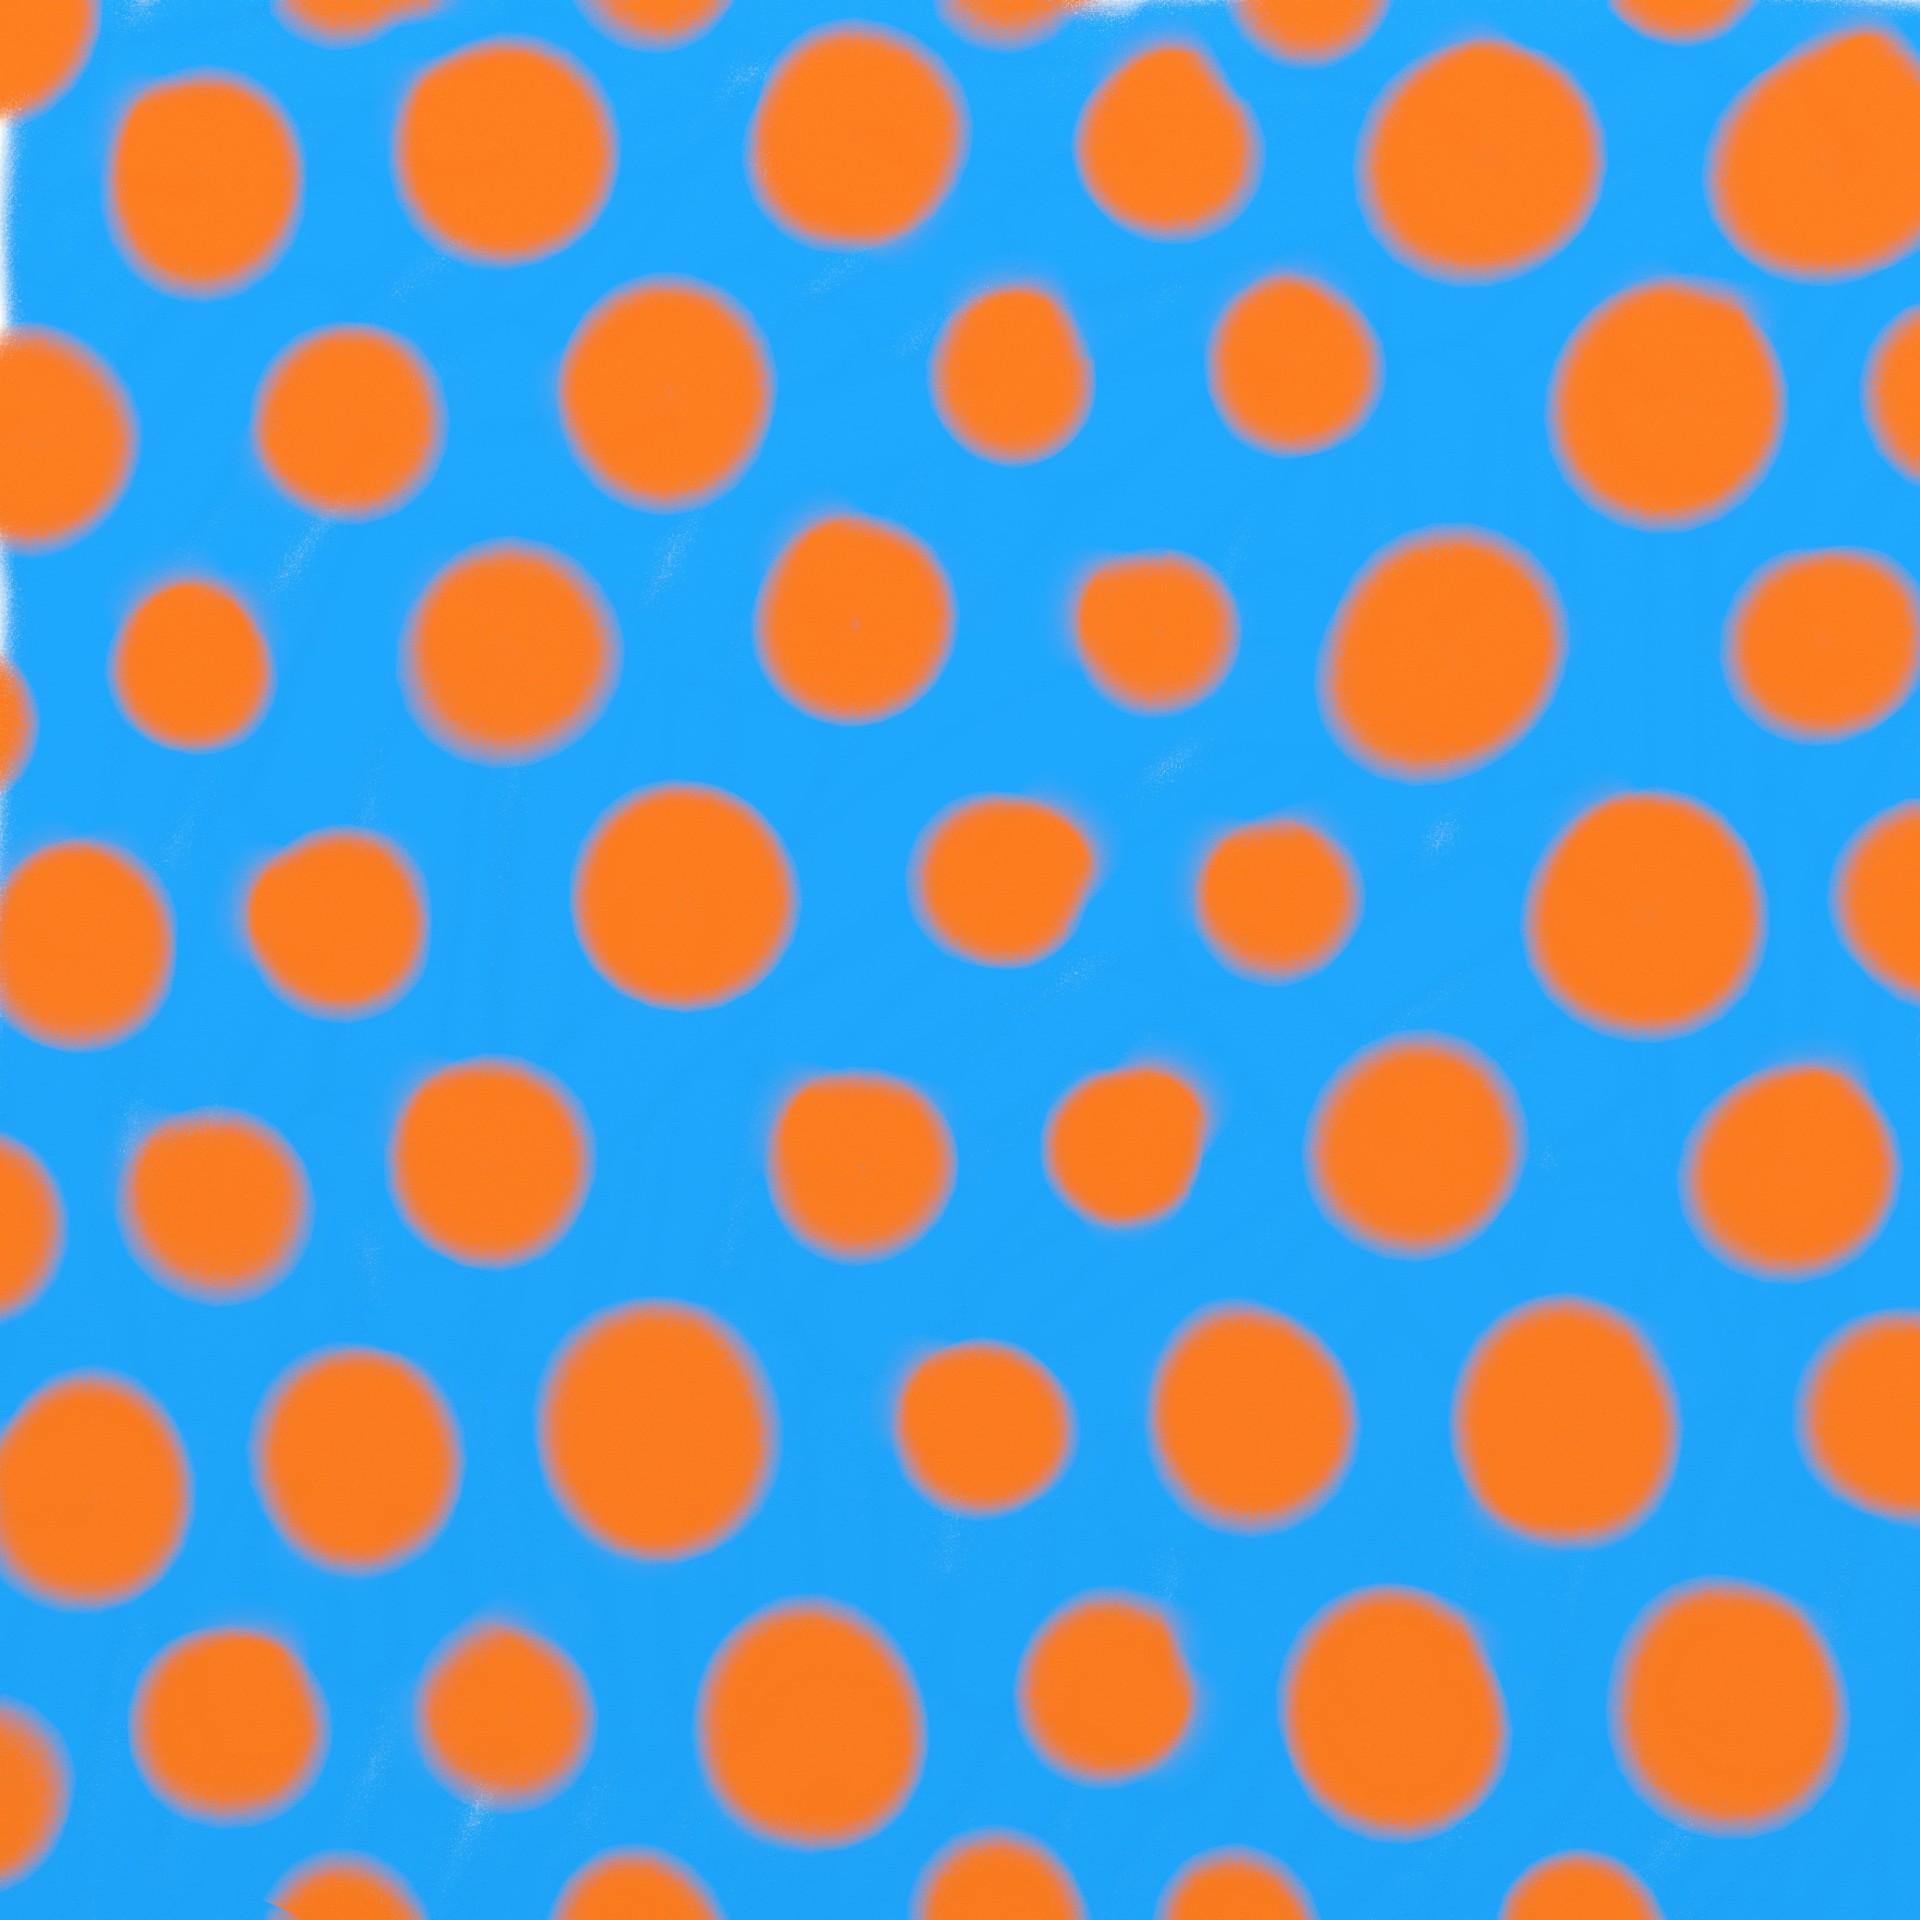 Dot Free Dot Online